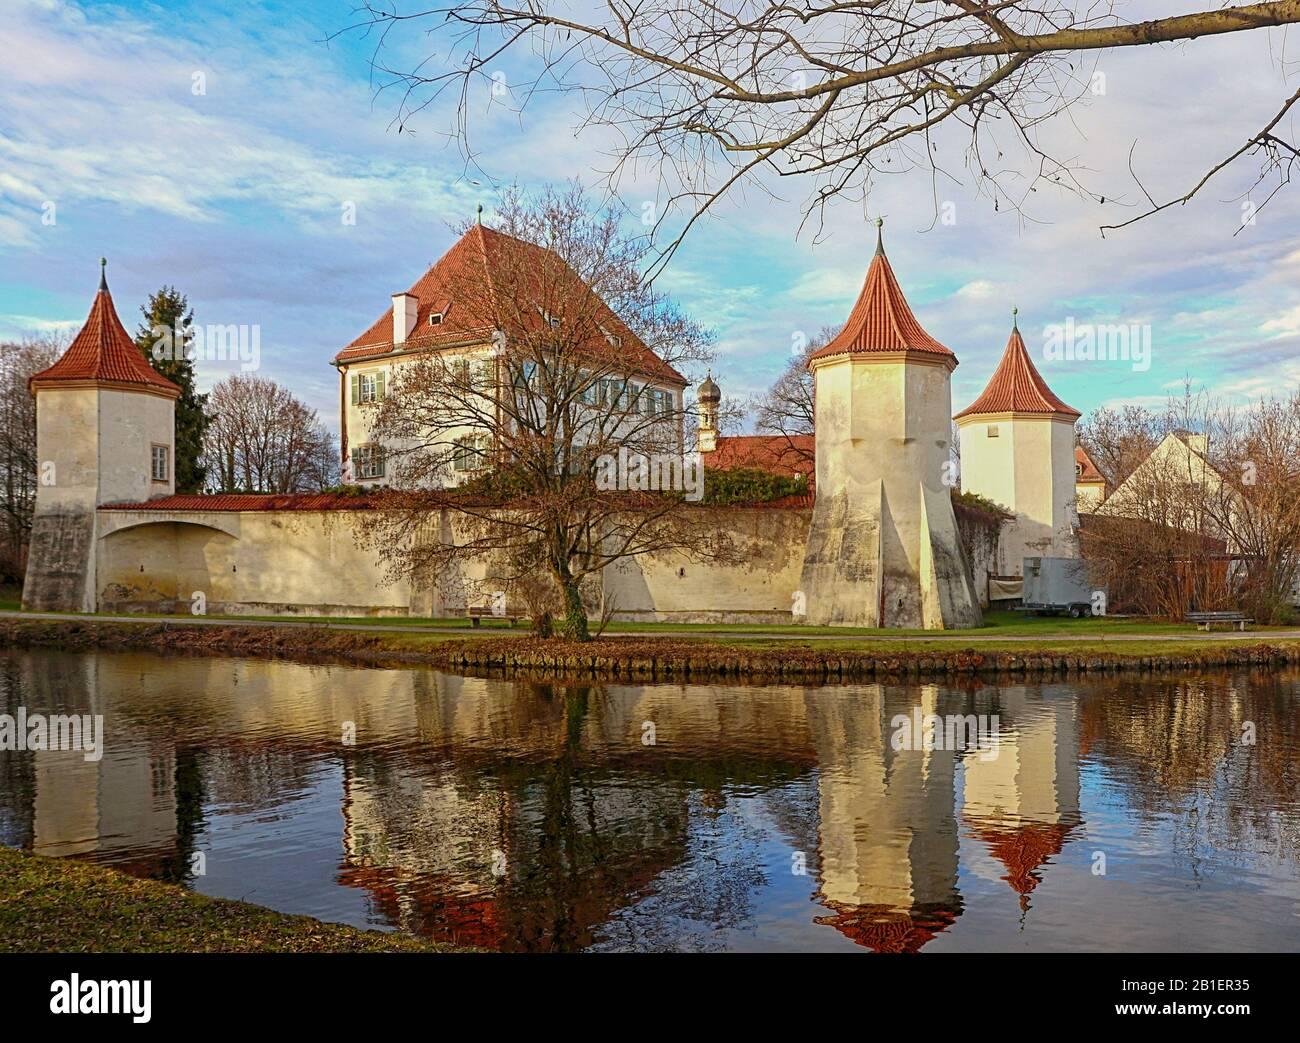 Monaco, castello di Blutenburg sulle rive del fiume Wuerm, rifugio di caccia del duca di Baviera costruito nel 1439 Foto Stock